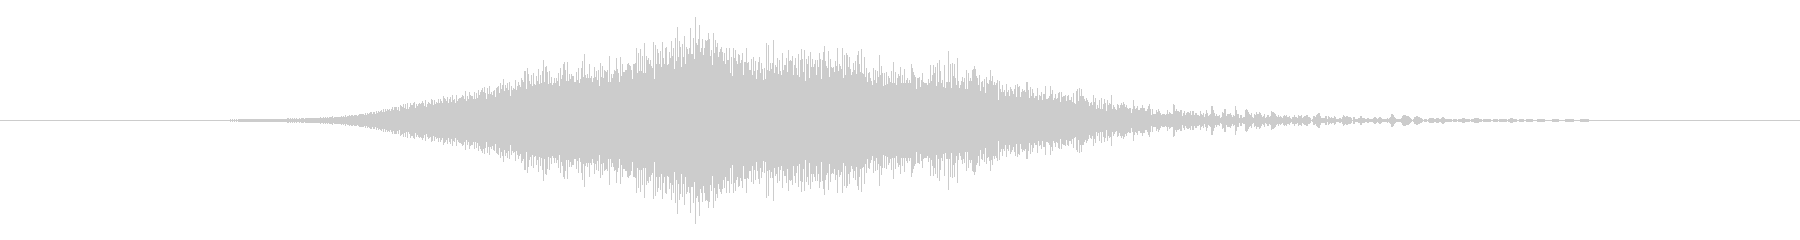 特撮 ホログラム表示07の未再生の波形